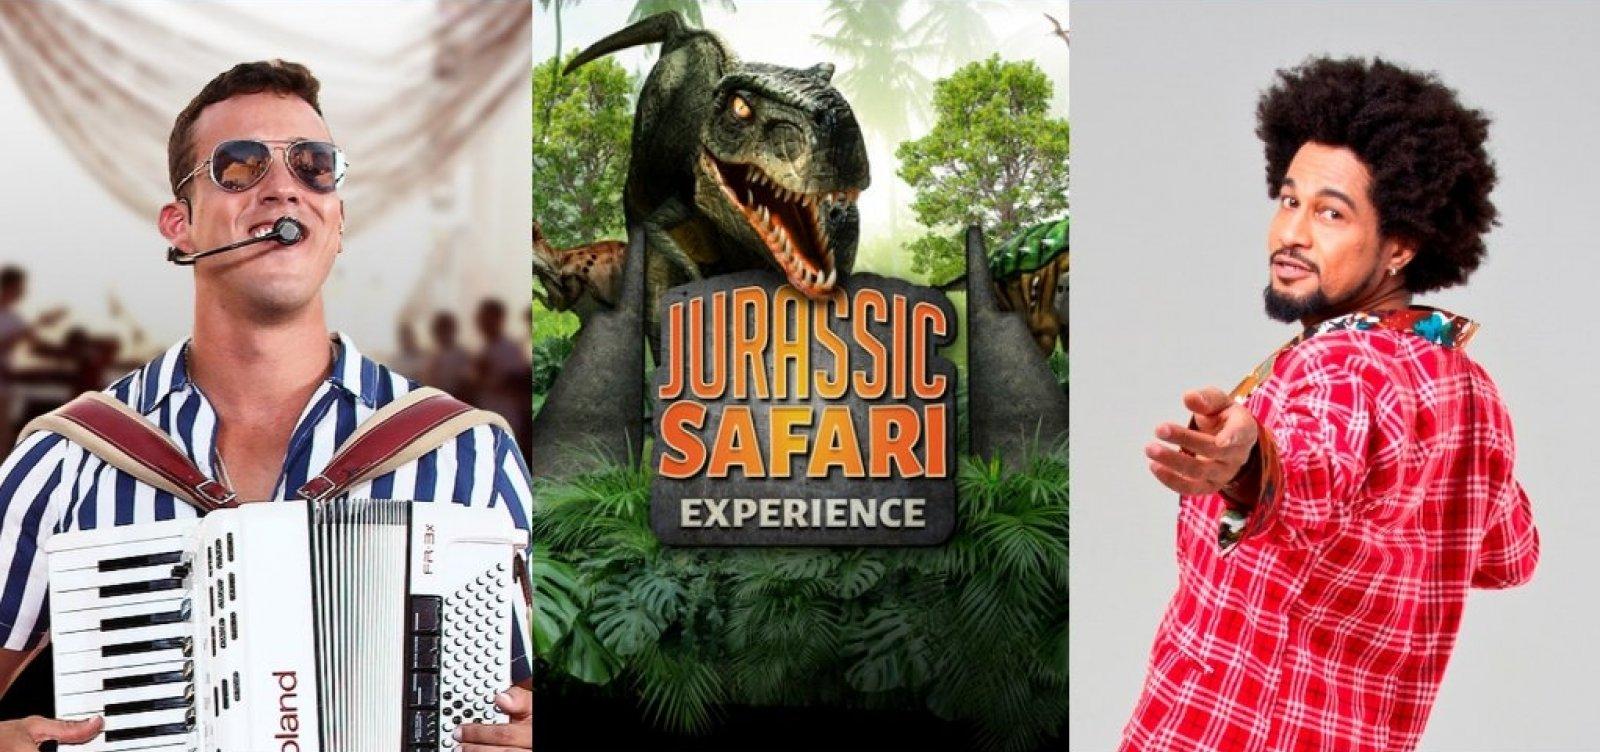 Forró, safari com dinossauros e Magary Lord: programe seu fim de semana em Salvador